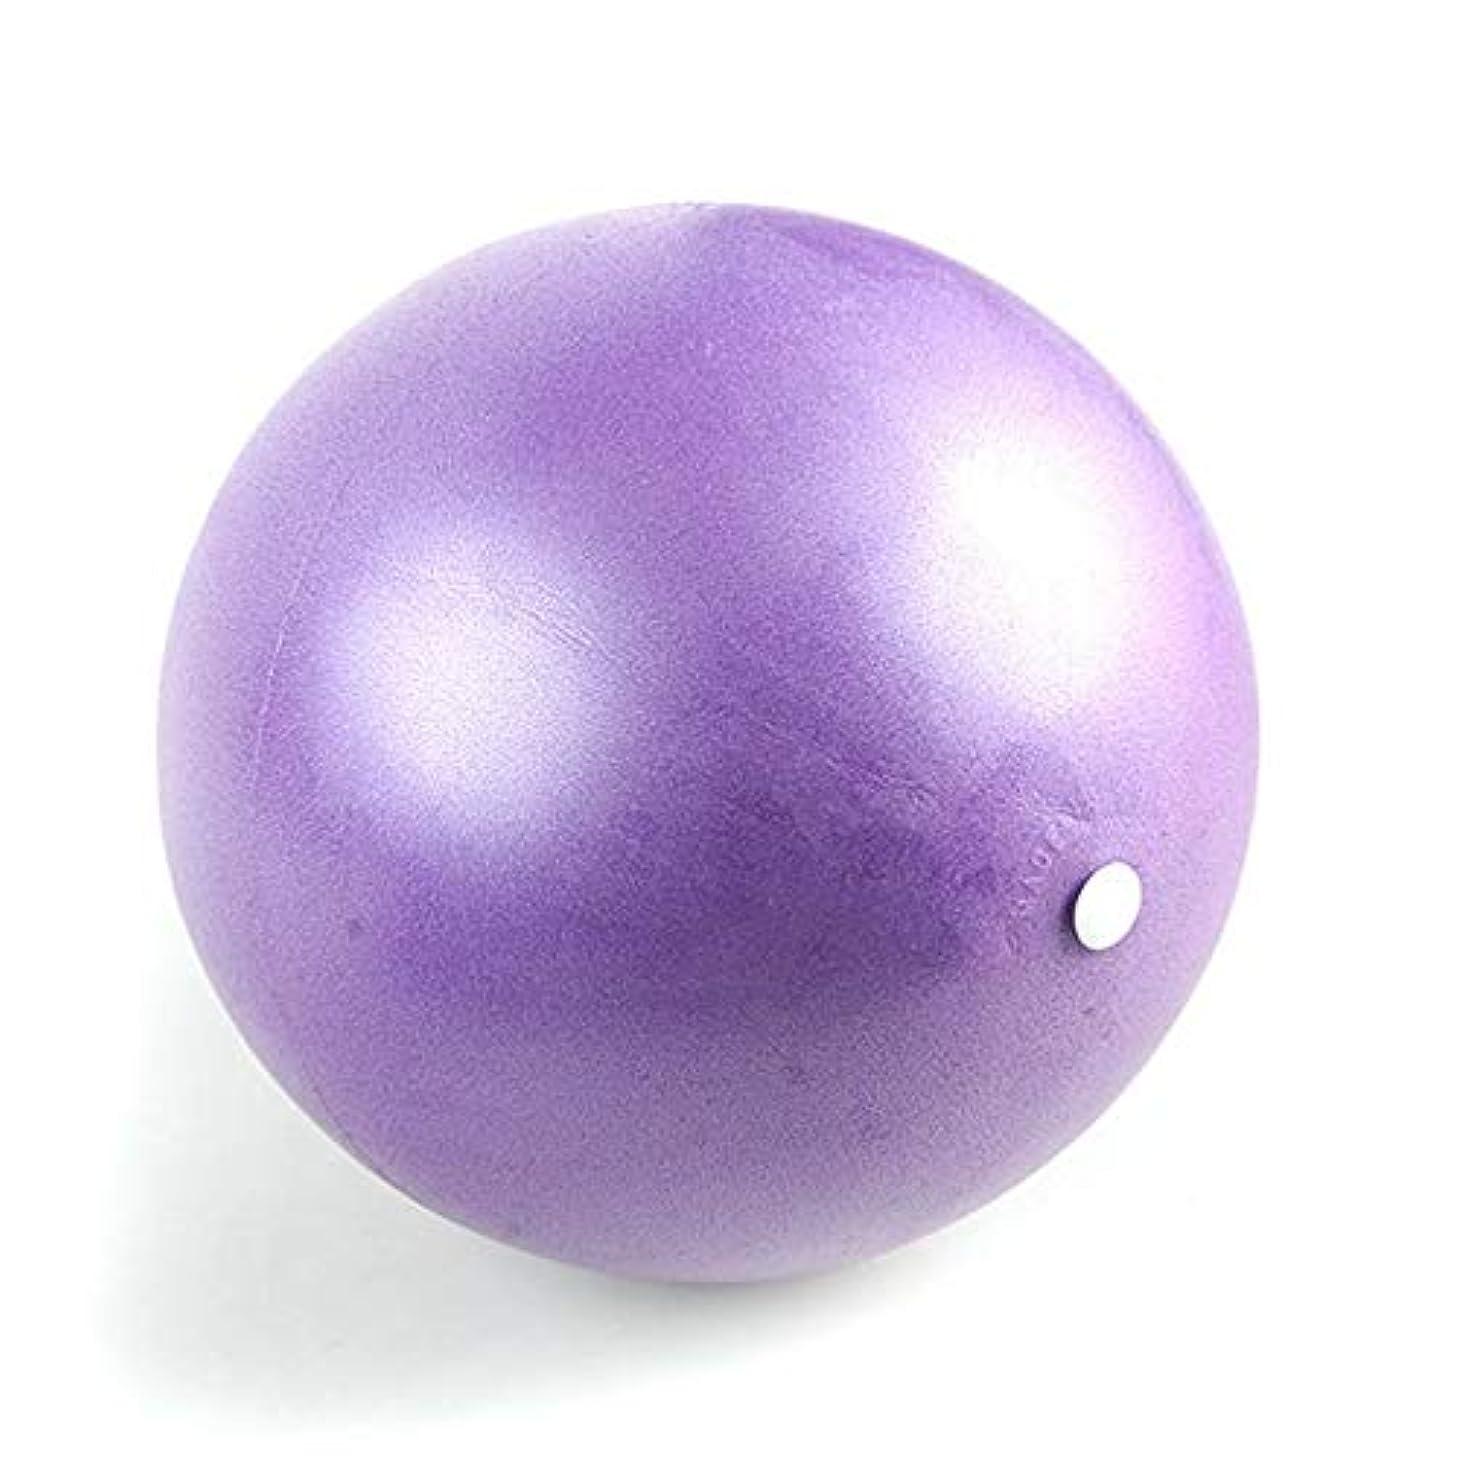 マイクロプロセッサパンチ体現するミニ25センチメートル/ 15センチフィットネス小麦チューブバランス肥厚マットピラティスヨガボール滑り止め摩耗防爆(Color:purple)